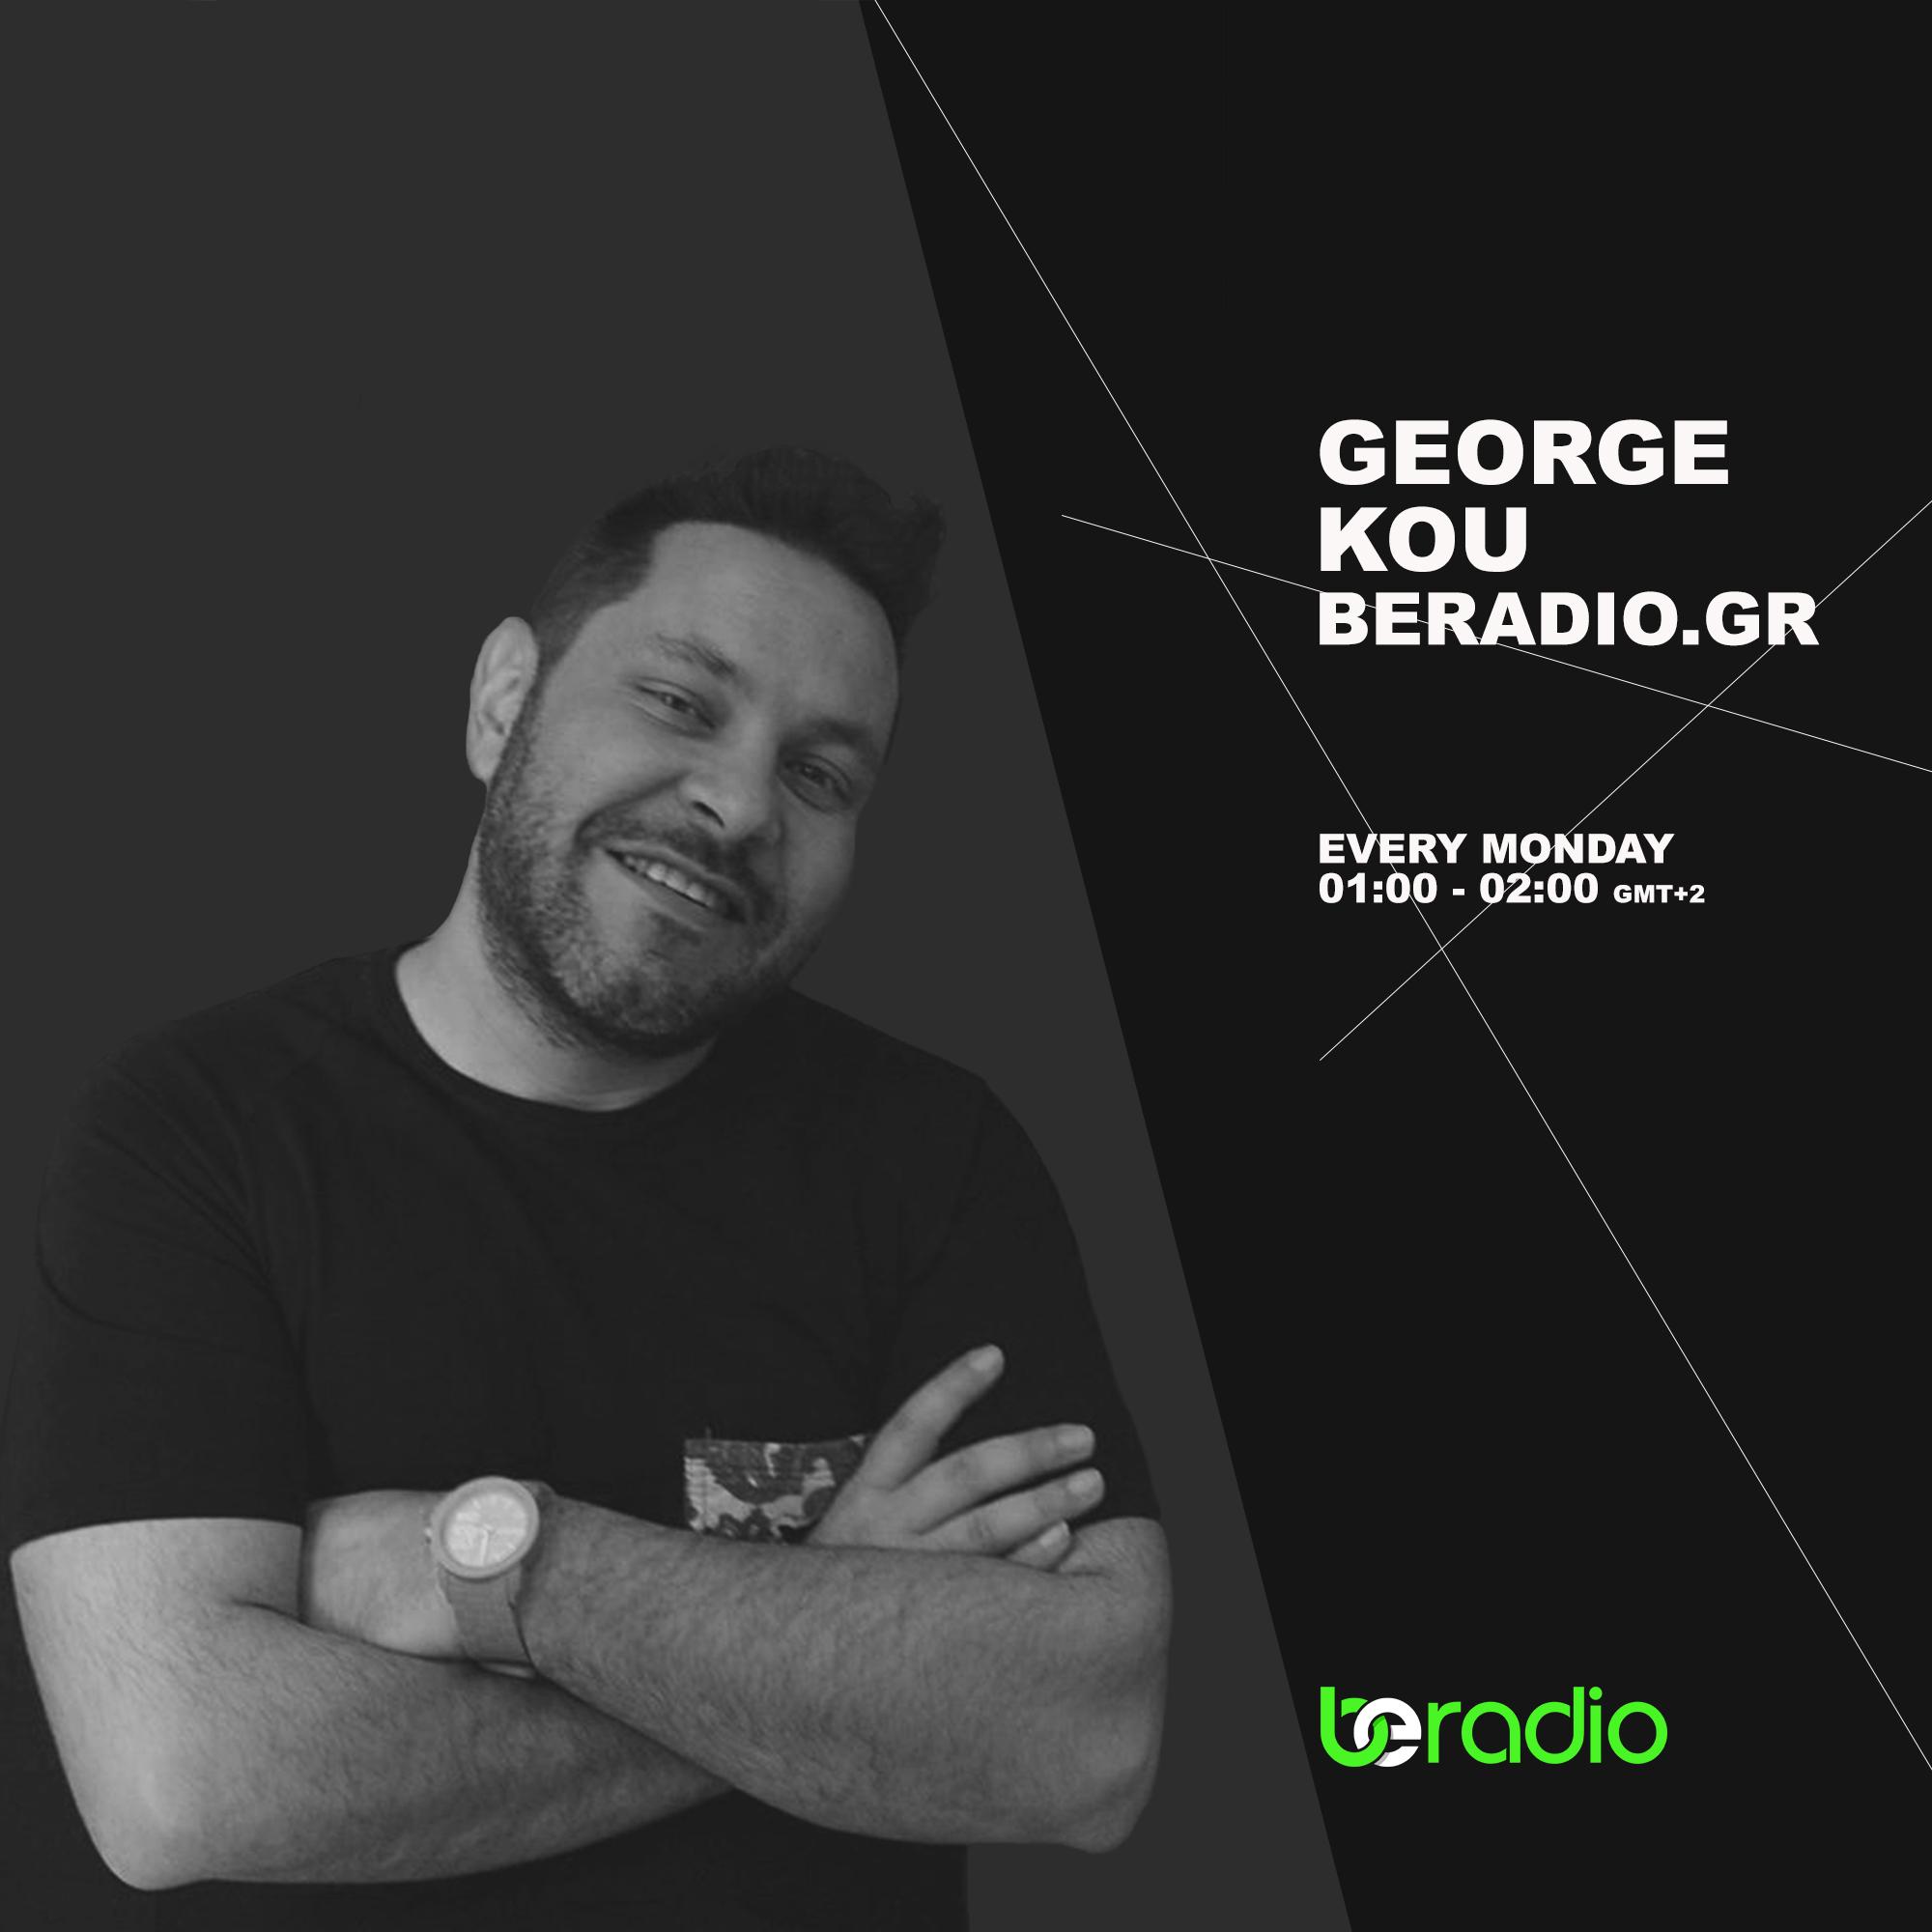 GEORGE KOU